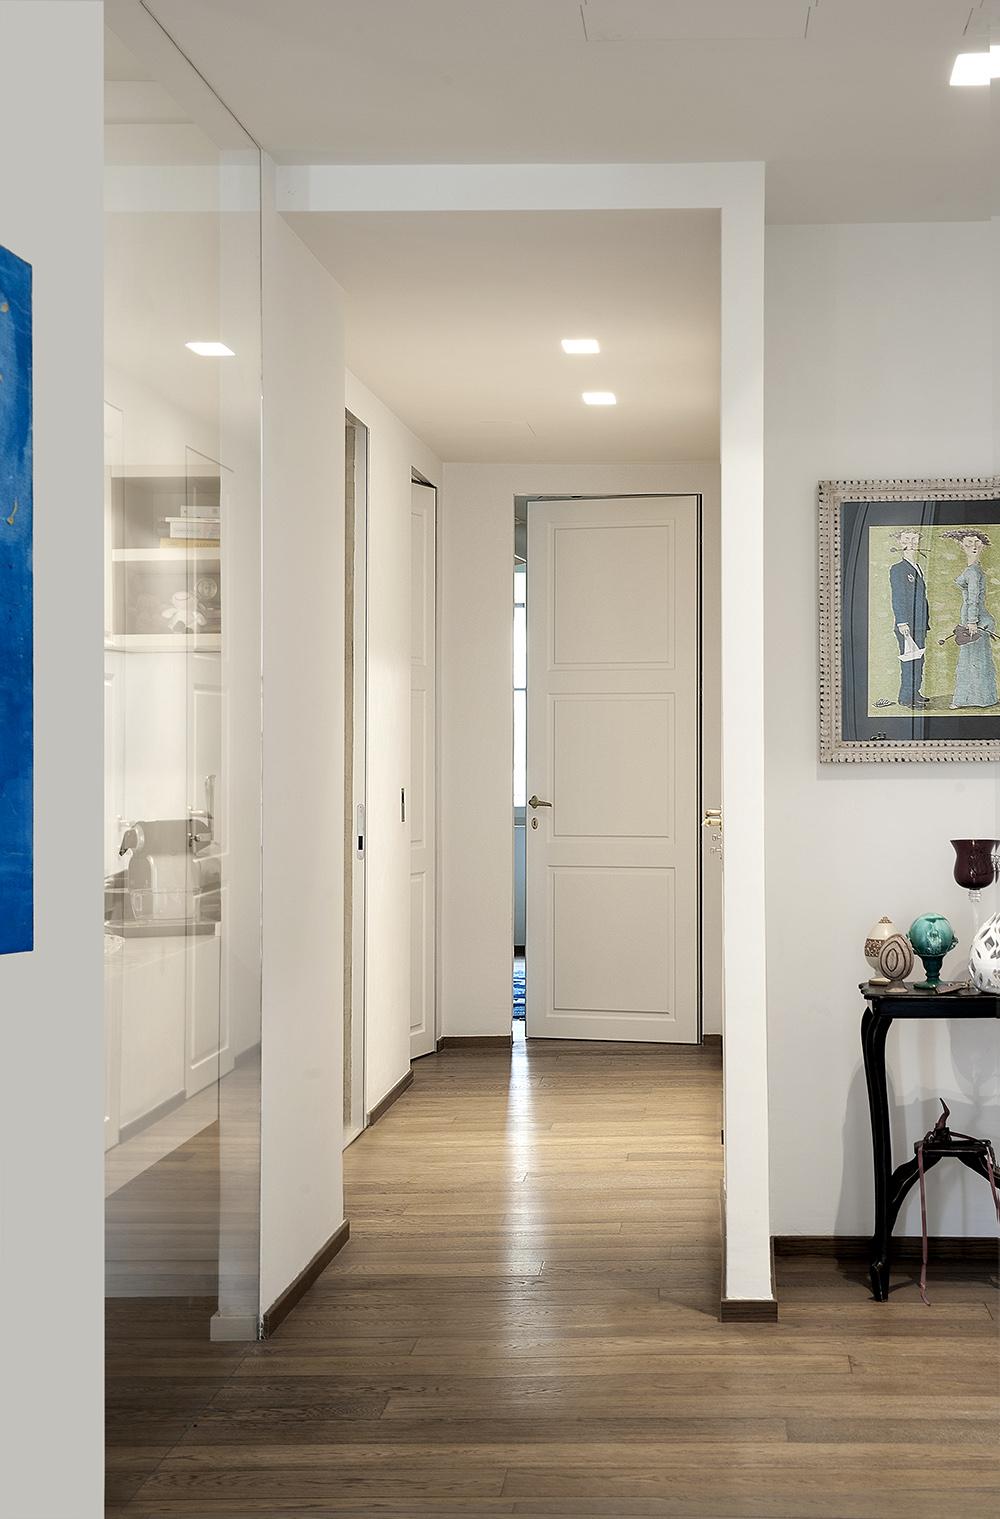 Appartamento a firenze porte scorrevoli e battenti per arredamento moderno e contemporaneo - Porte da interno ikea ...